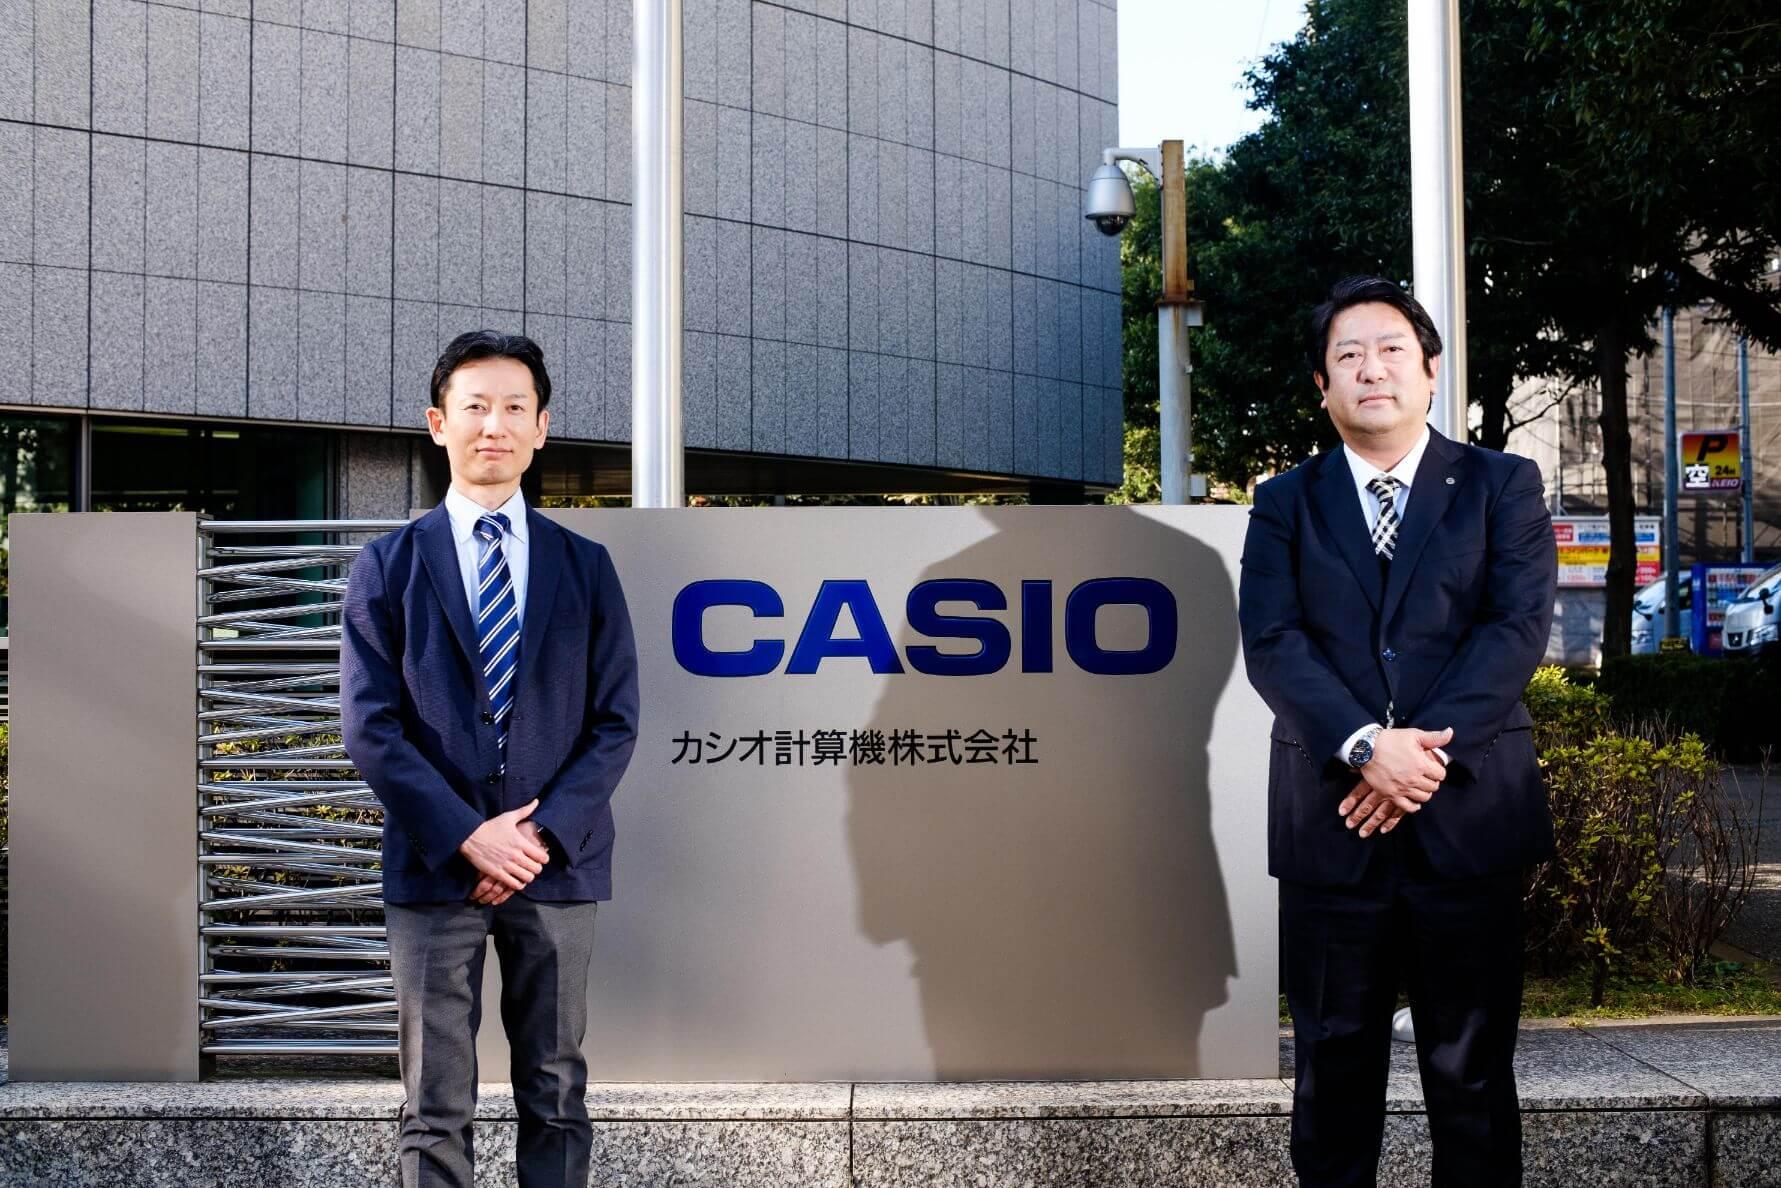 カシオ計算機様1  | 導入事例 | クレディセイフ企業情報